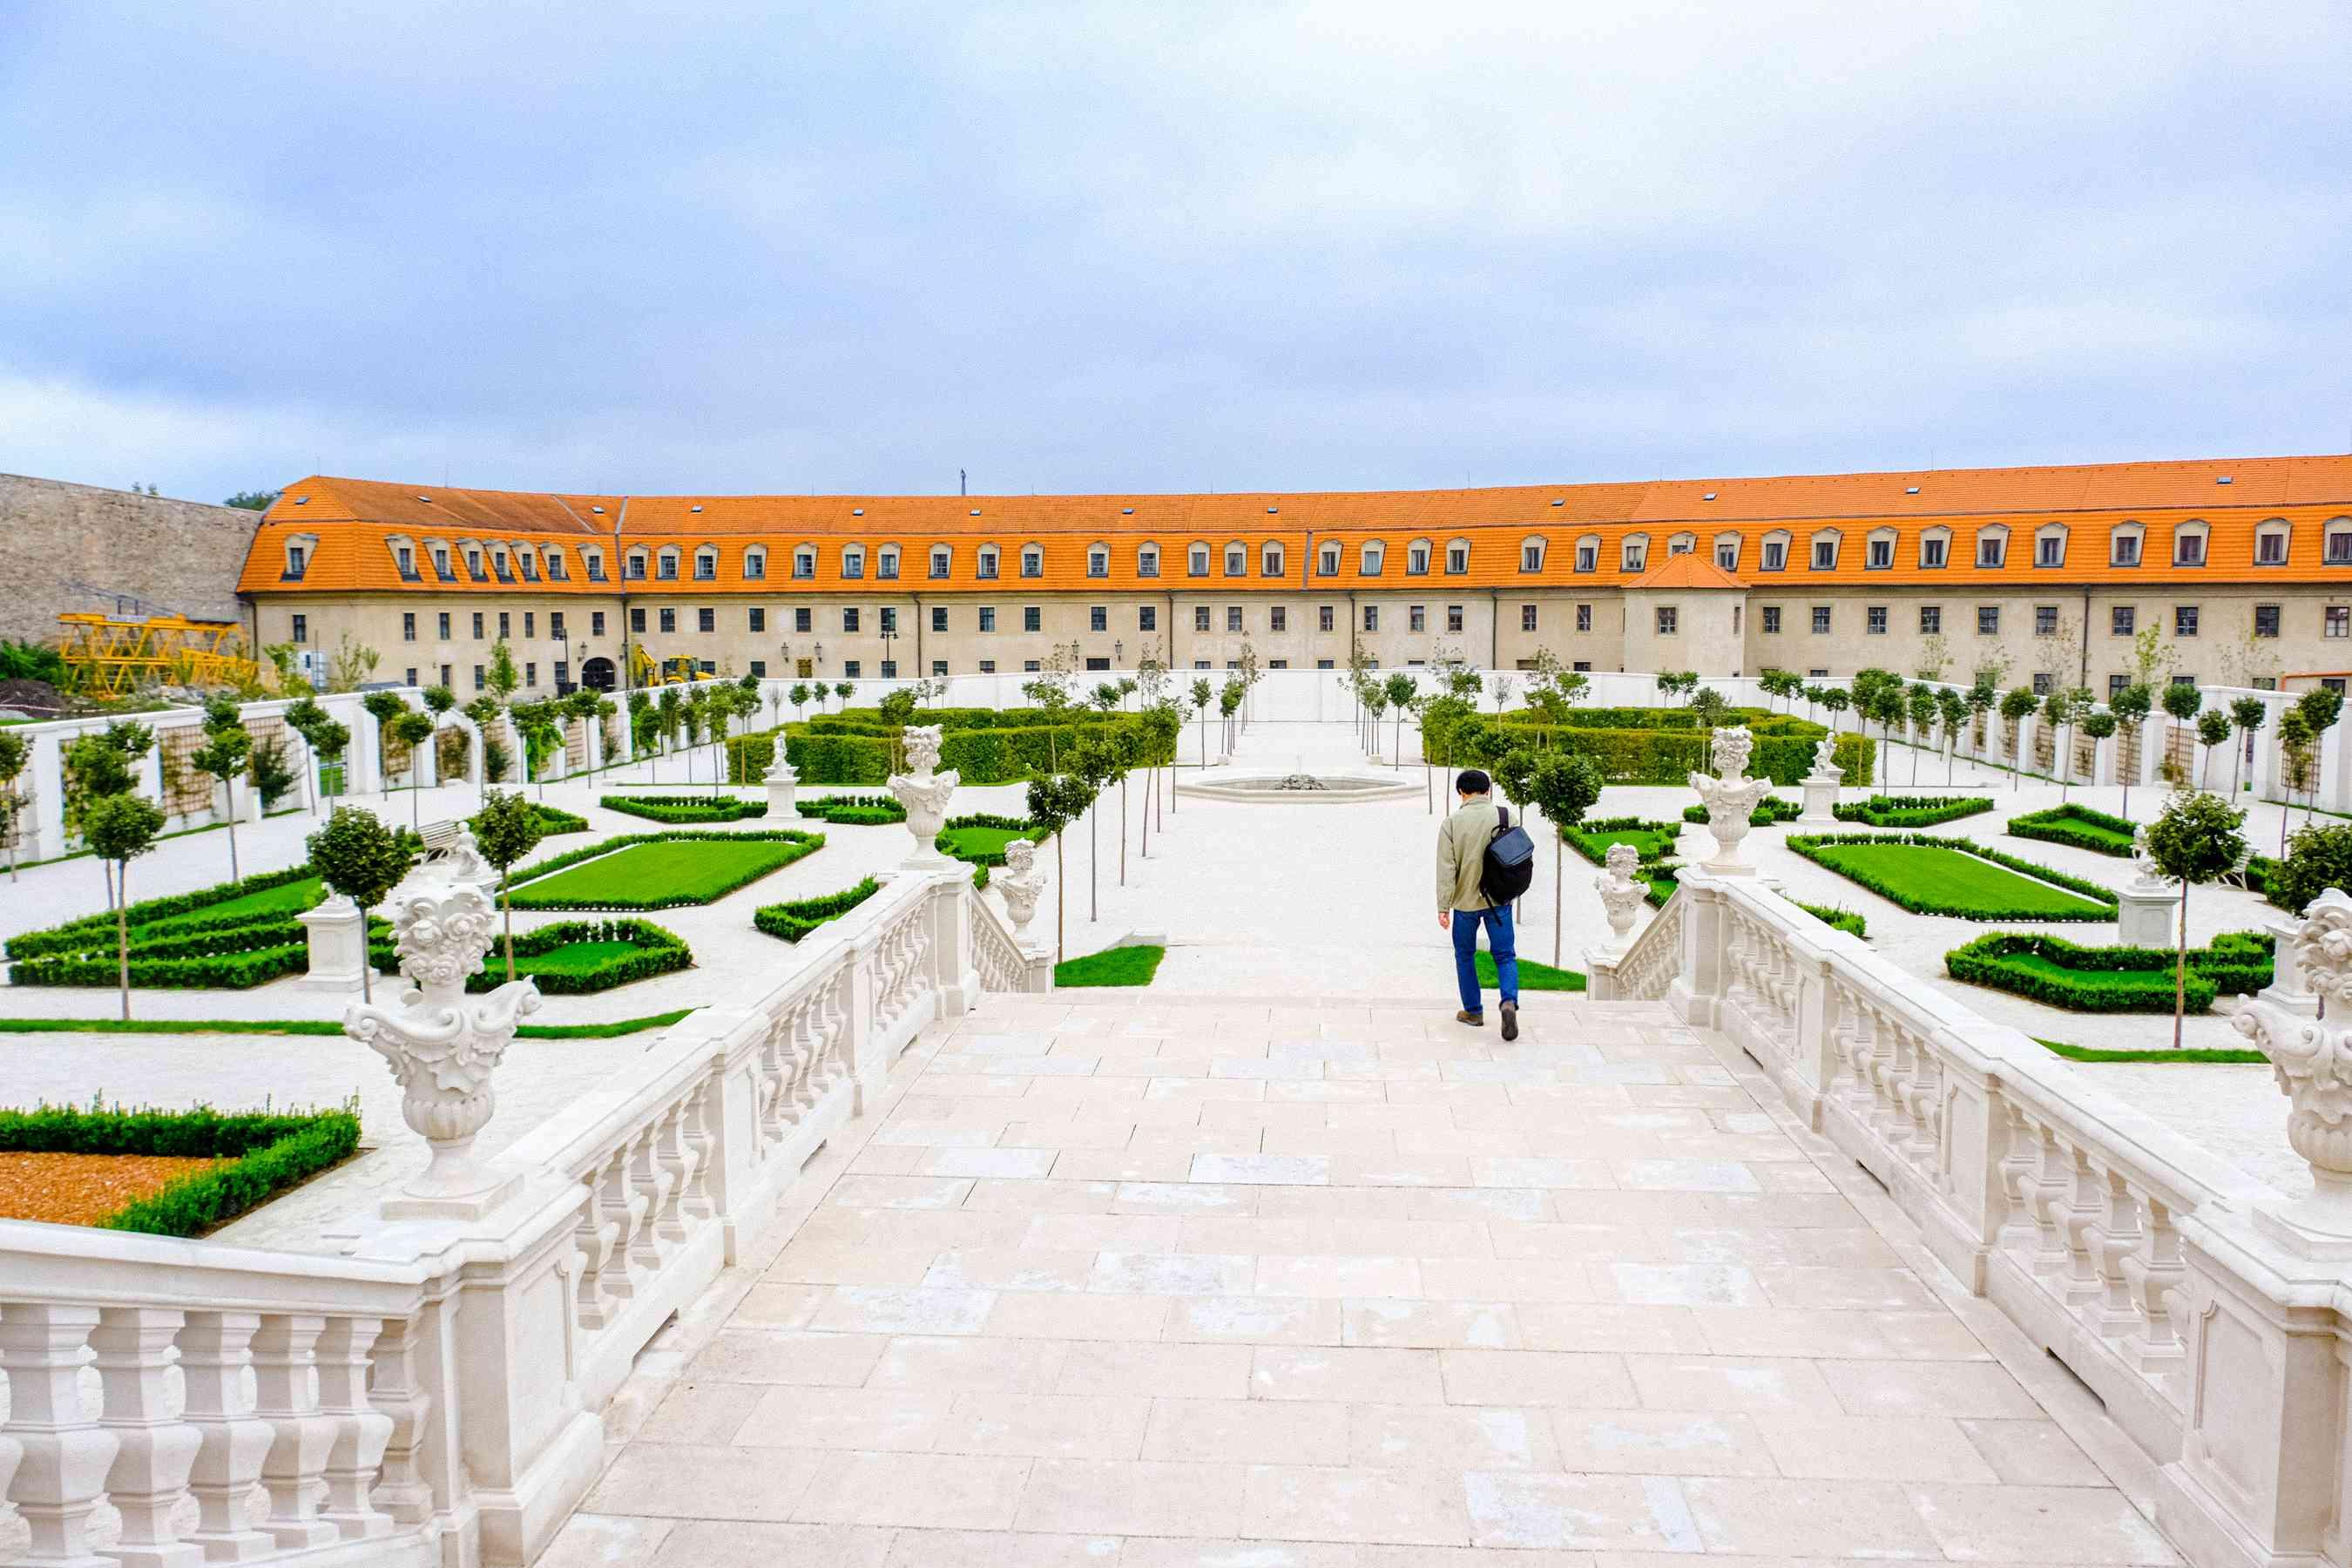 Los jardines a las afueras del castillo de Bratislava